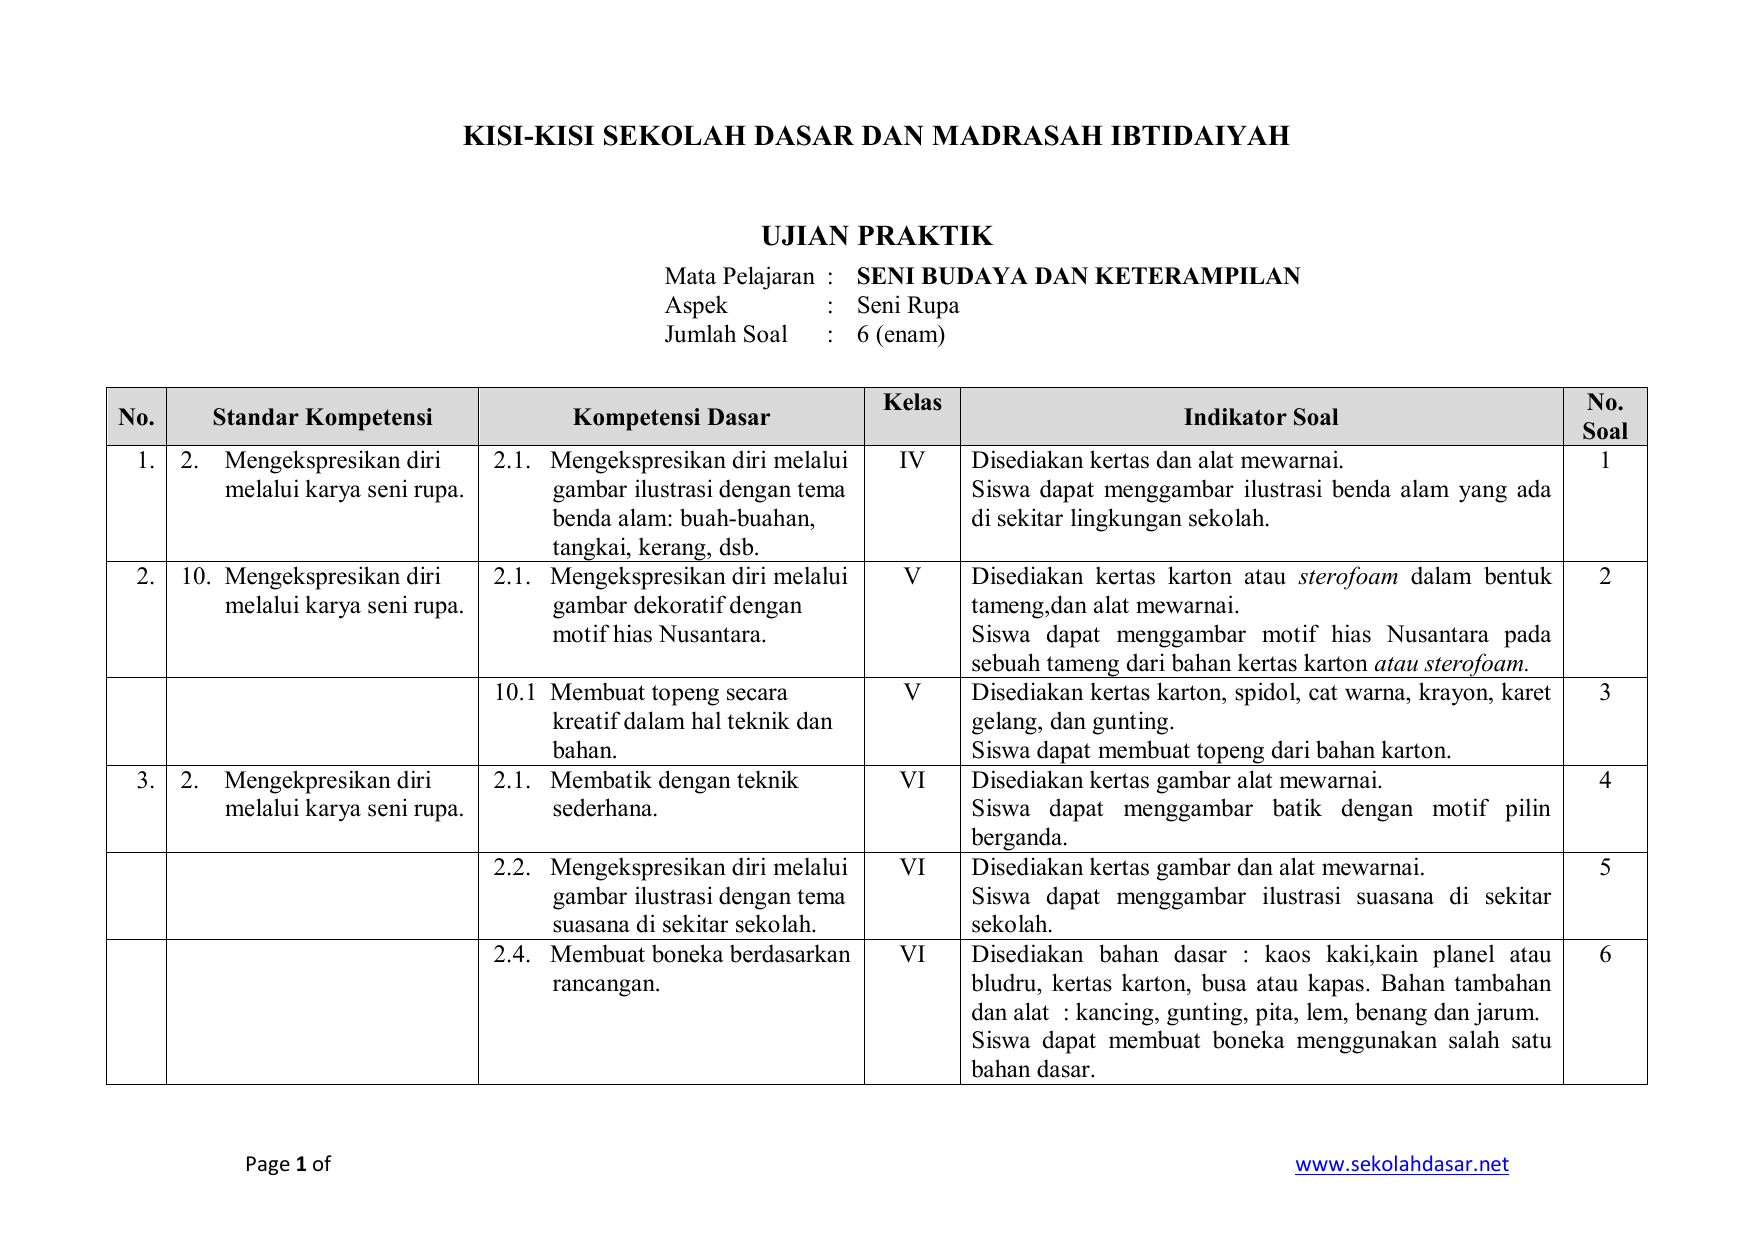 Kisi Kisi Sekolah Dasar Dan Madrasah Ibtidaiyah Ujian Praktik